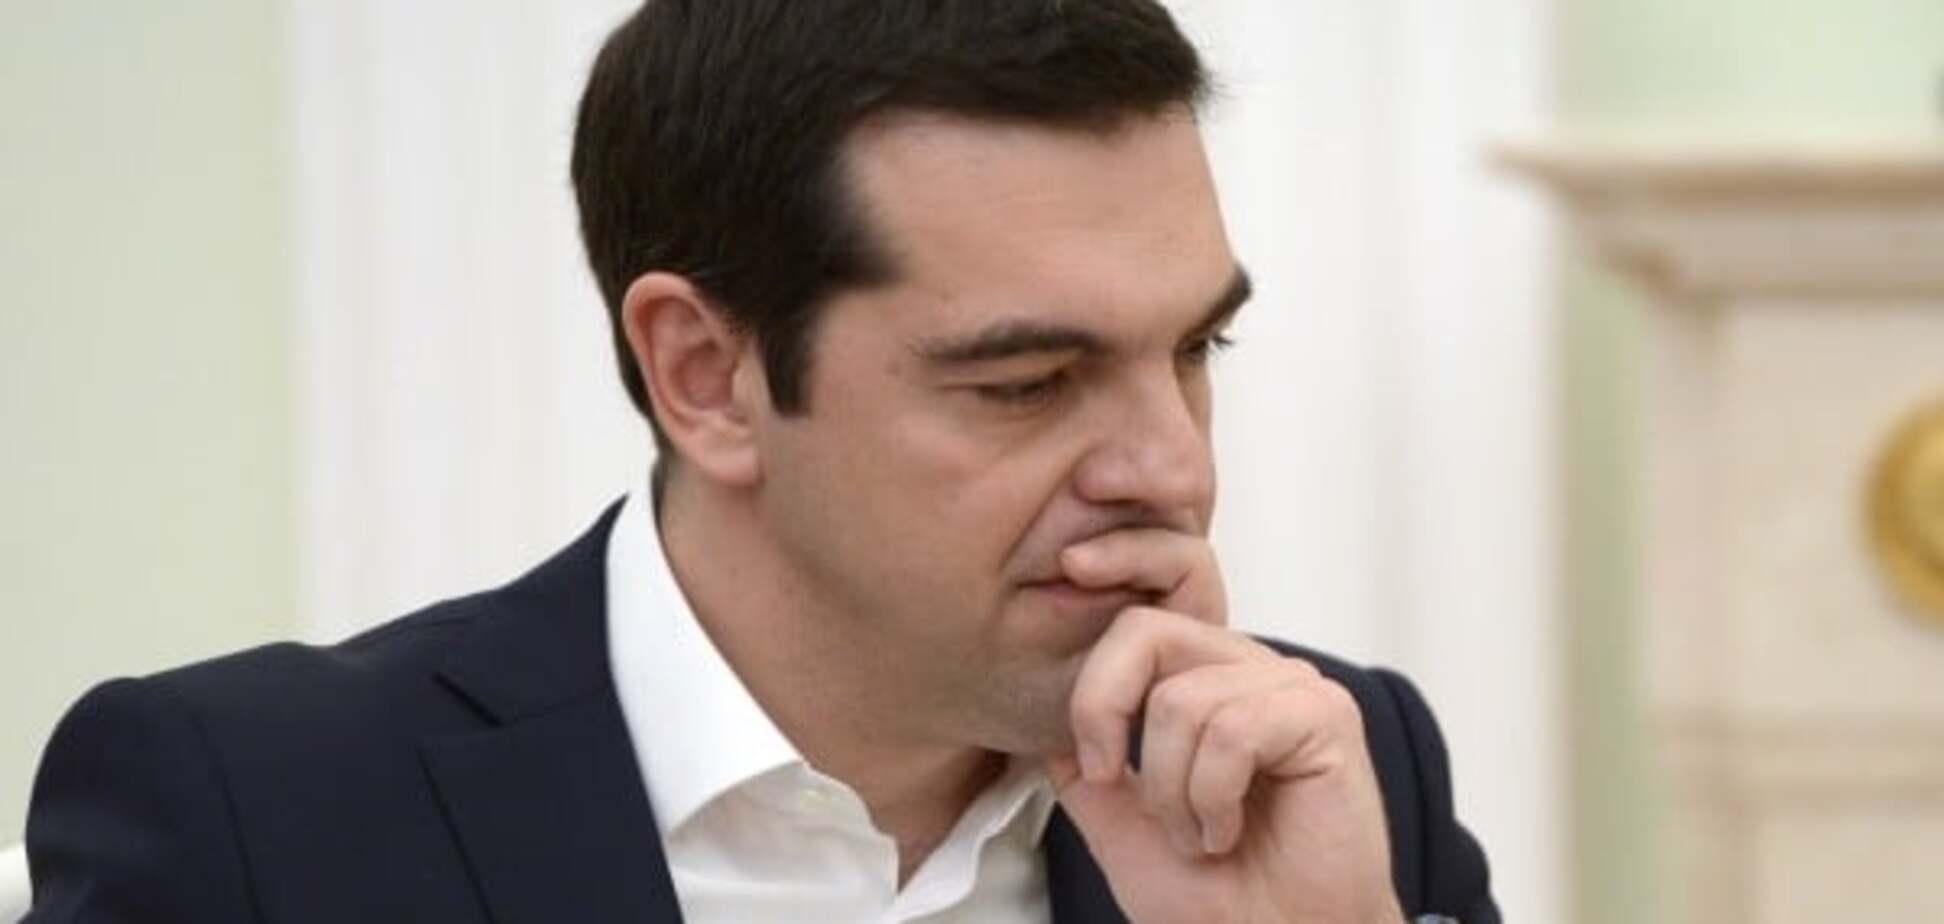 Так заканчивают бесславные ублюдки: Пономарь предрек массовые отставки по примеру Греции